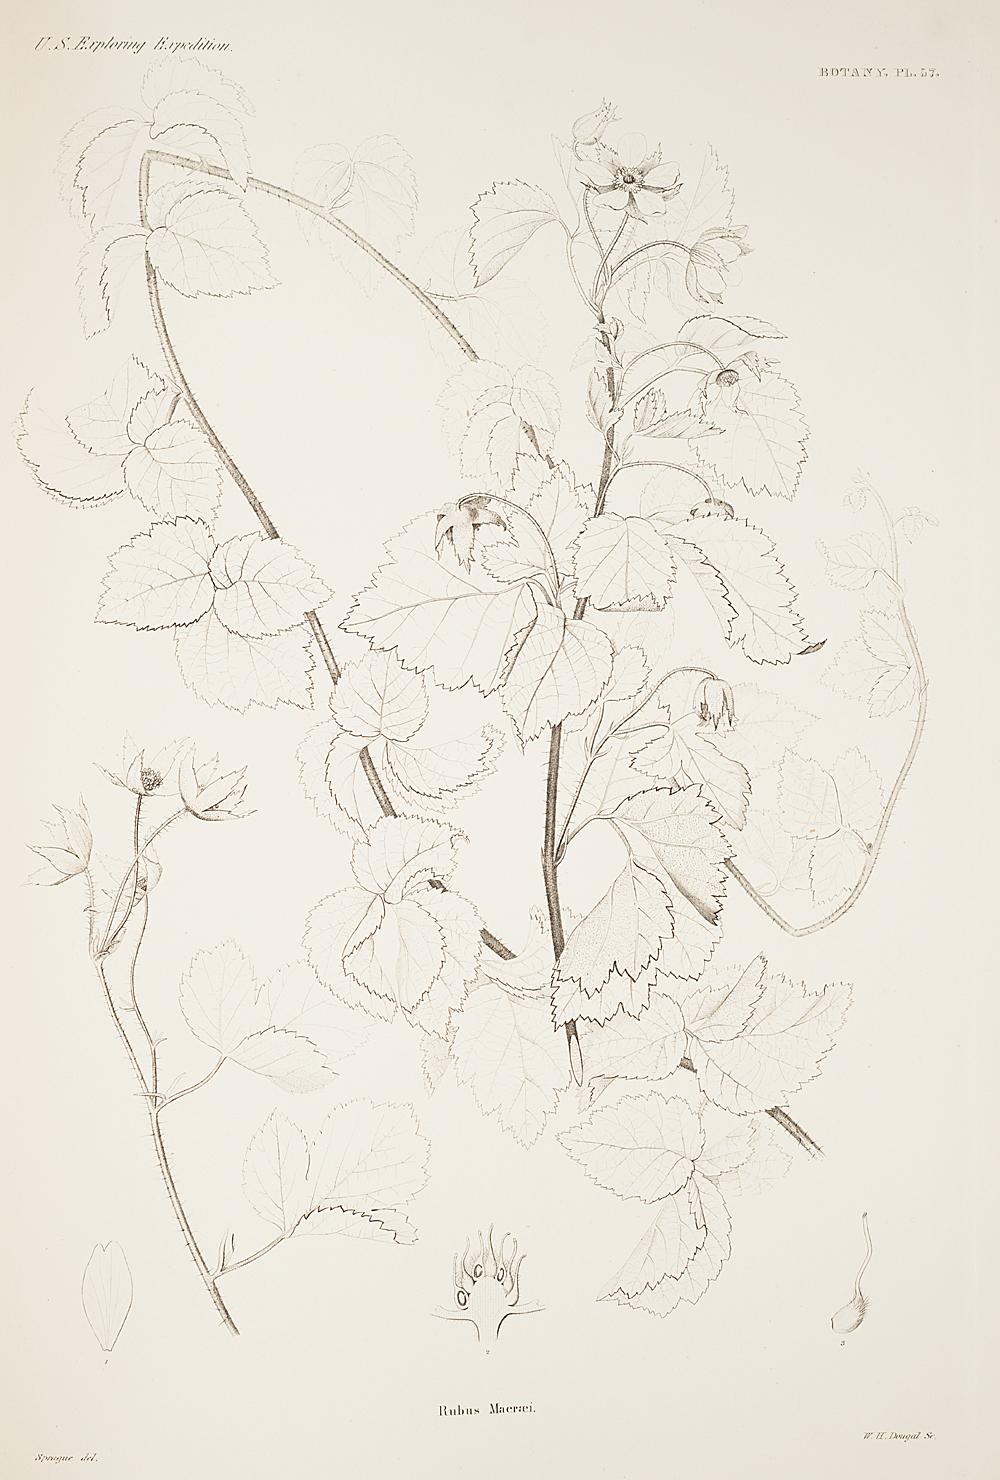 Botany, Pl. 57,  Image number:sil19-23-125b